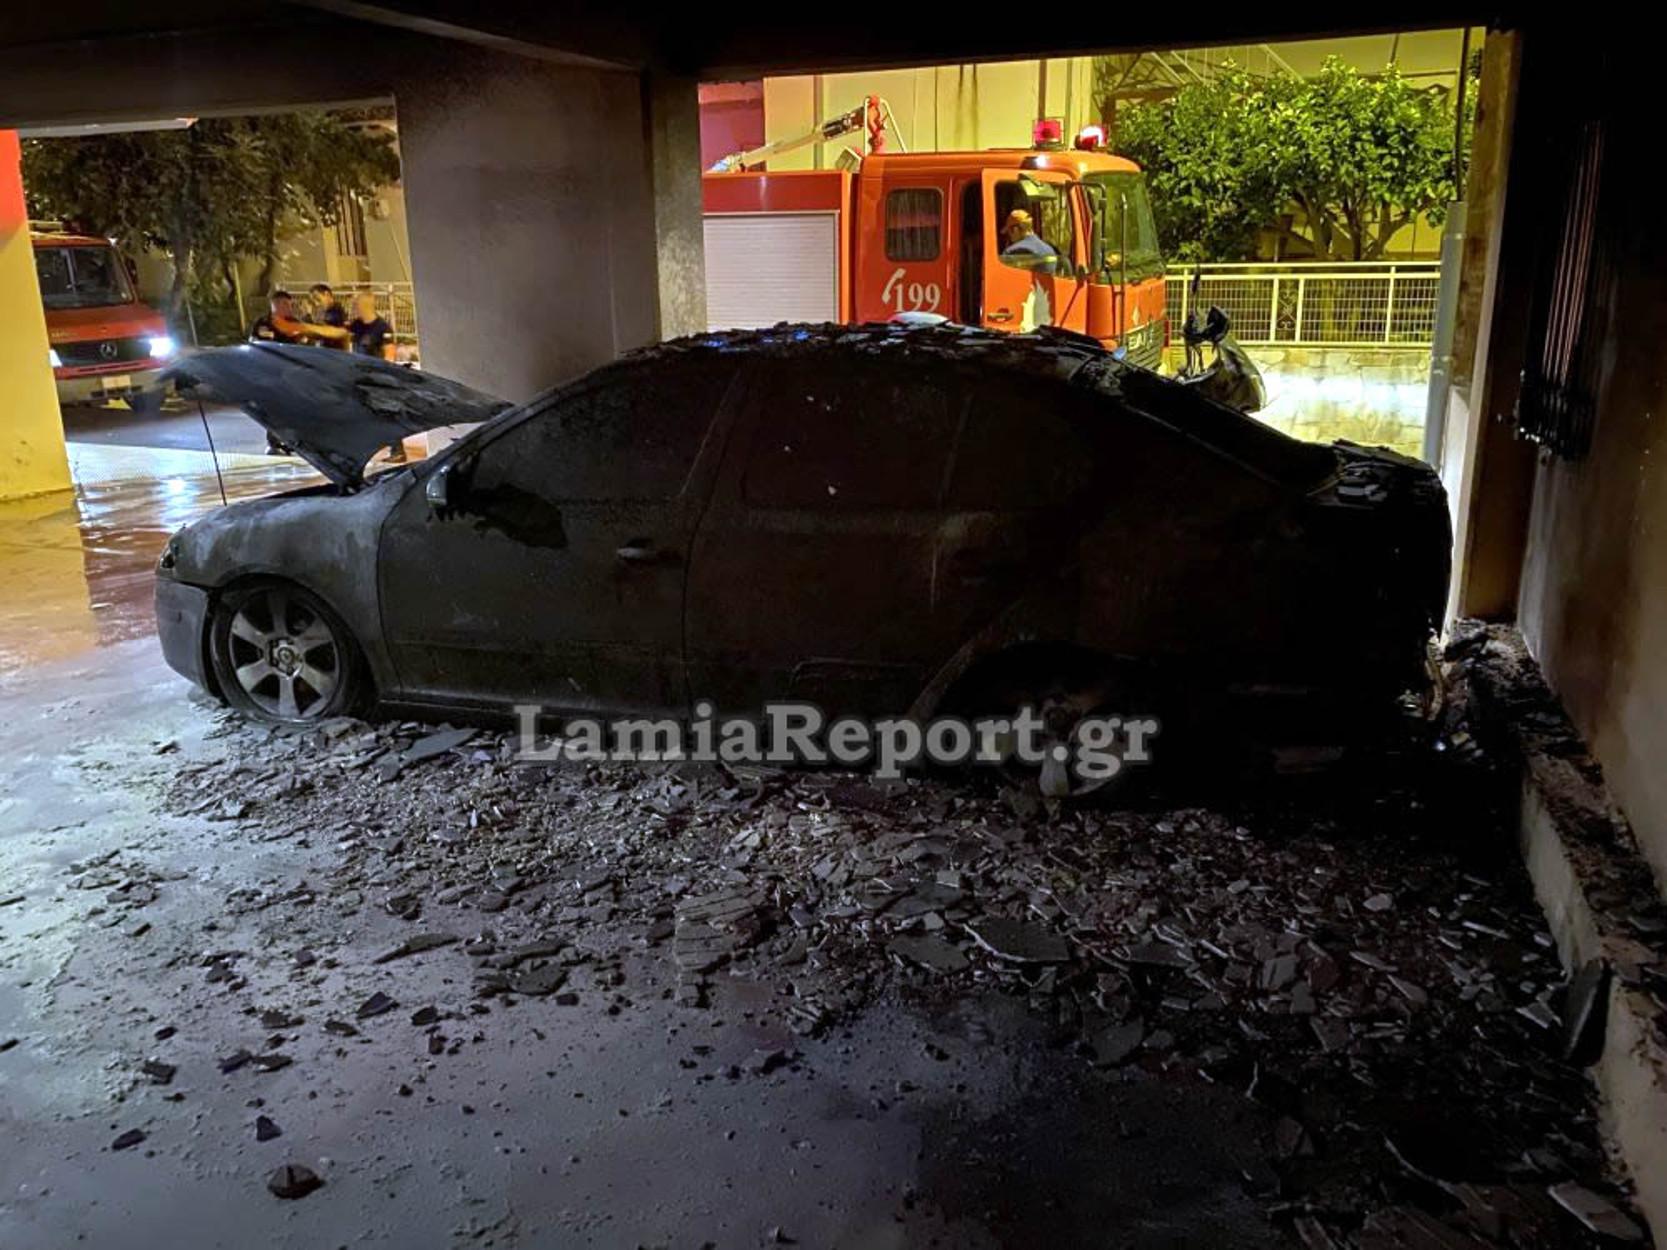 Λαμία: Ανατίναξαν το αυτοκίνητο του πρώην αρχιφύλακα των φυλακών Δομοκού! (pics,video)